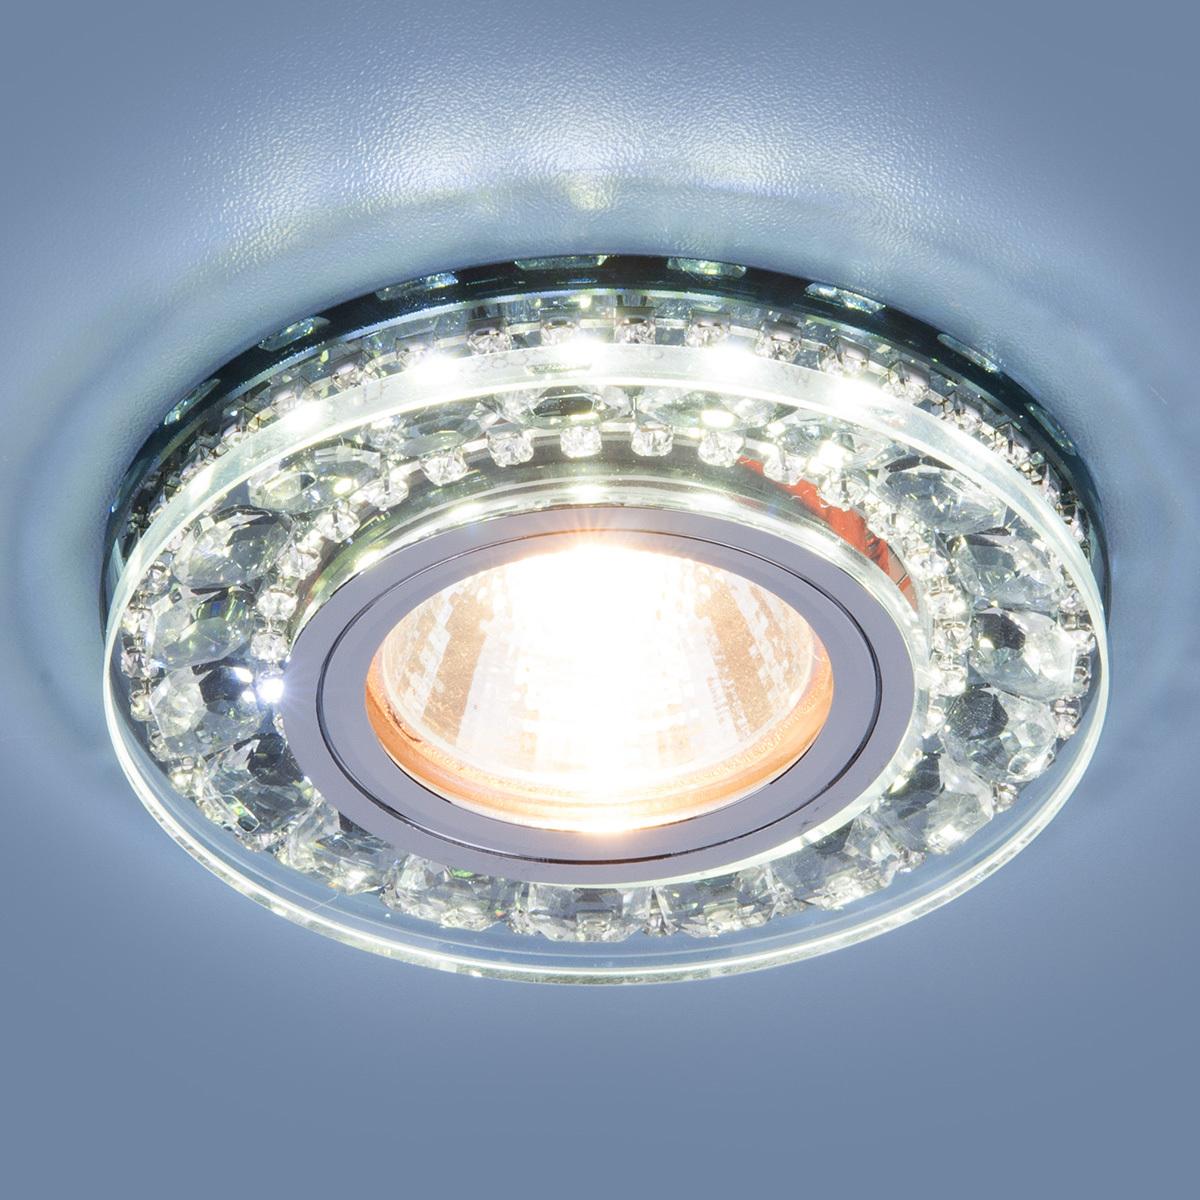 цены на Встраиваемый светильник Elektrostandard Точечный светодиодный 2192 MR16 SBK, G5.3 в интернет-магазинах